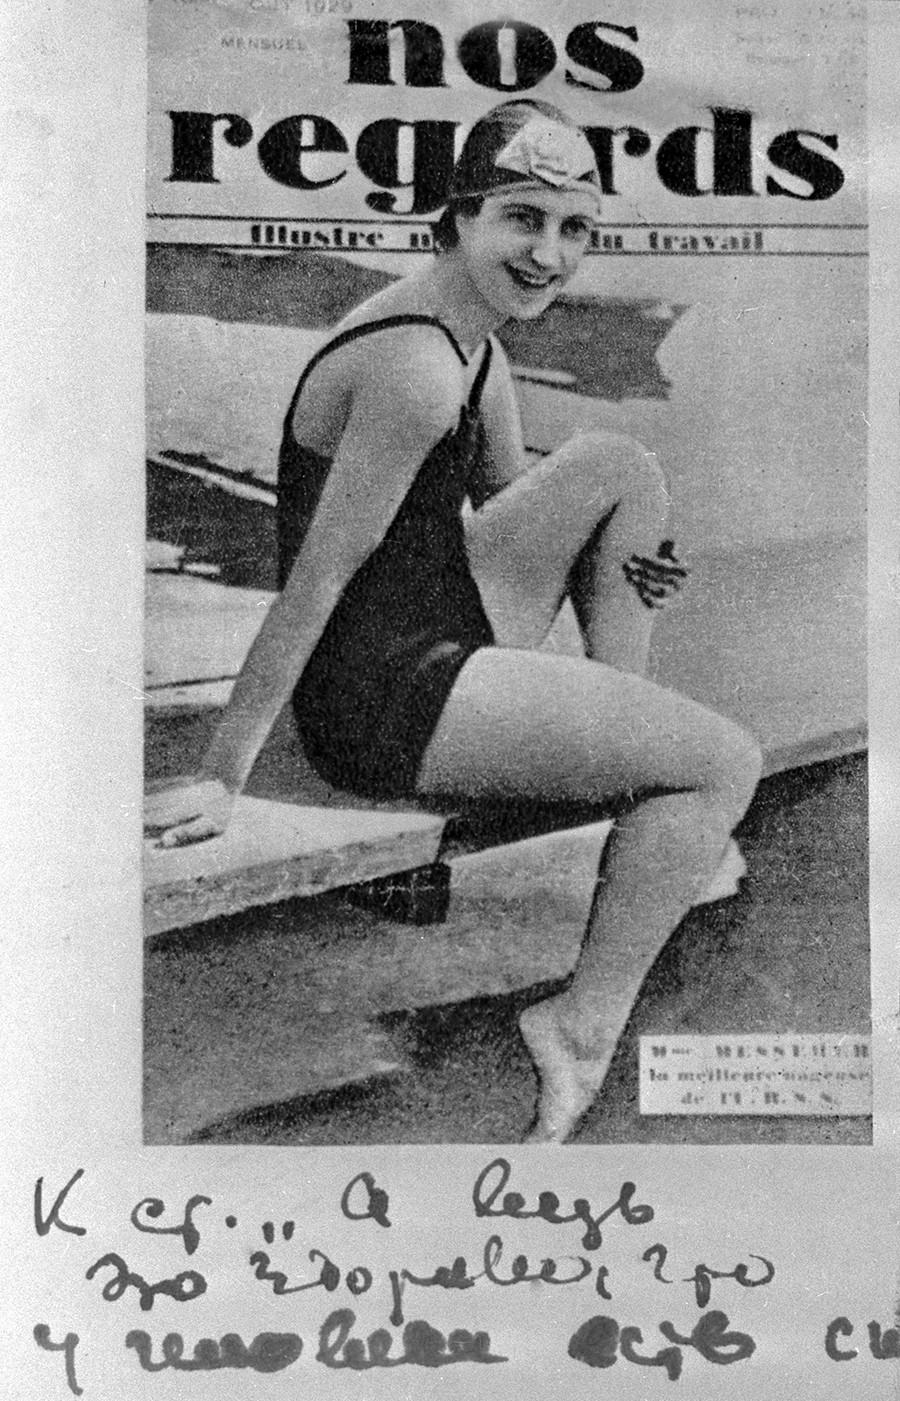 """Балерина Суламиф Месерер (1908-2004) поред балета се бавила пливањем. На Свесавезној спартакијади 1928. године (која је уједно била и првенство СССР-а у пливању) освојила је две златне медаље. С. Месерер на првој страници часописа """"Nos regards""""."""